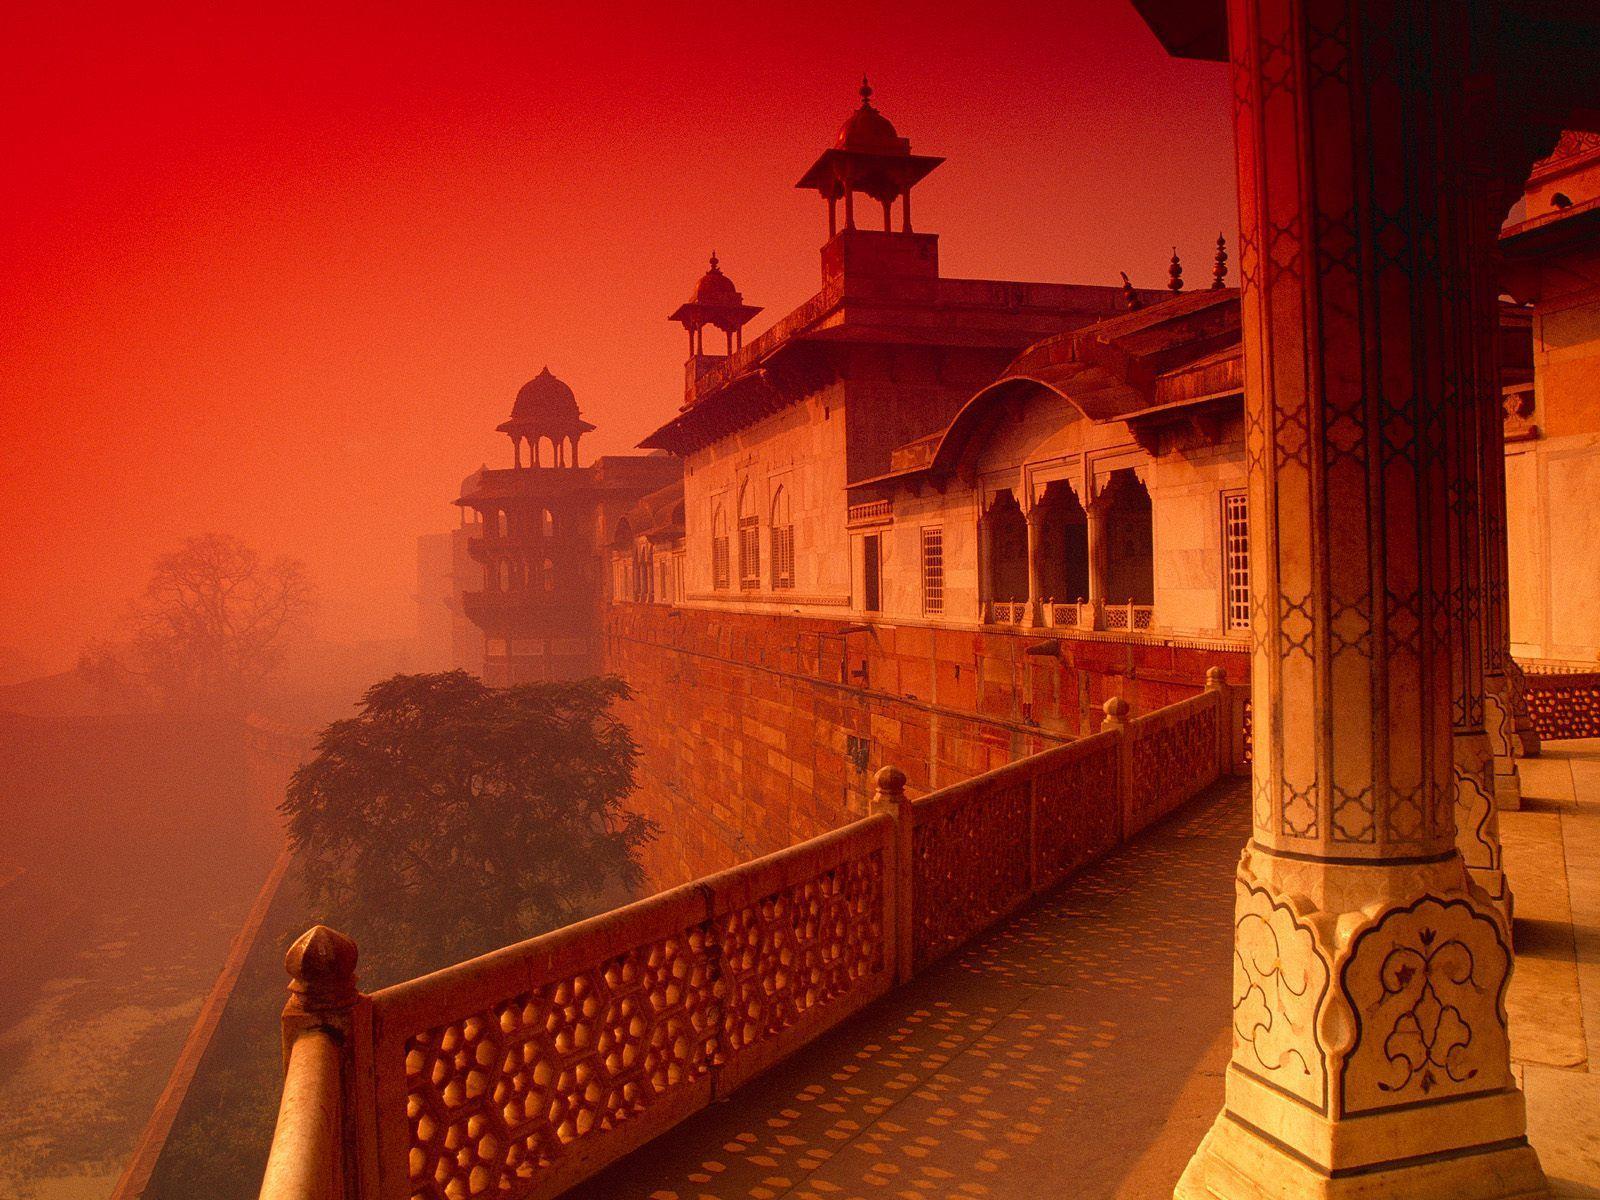 1600x1200 Pháo đài Agra, Hình nền Ấn Độ